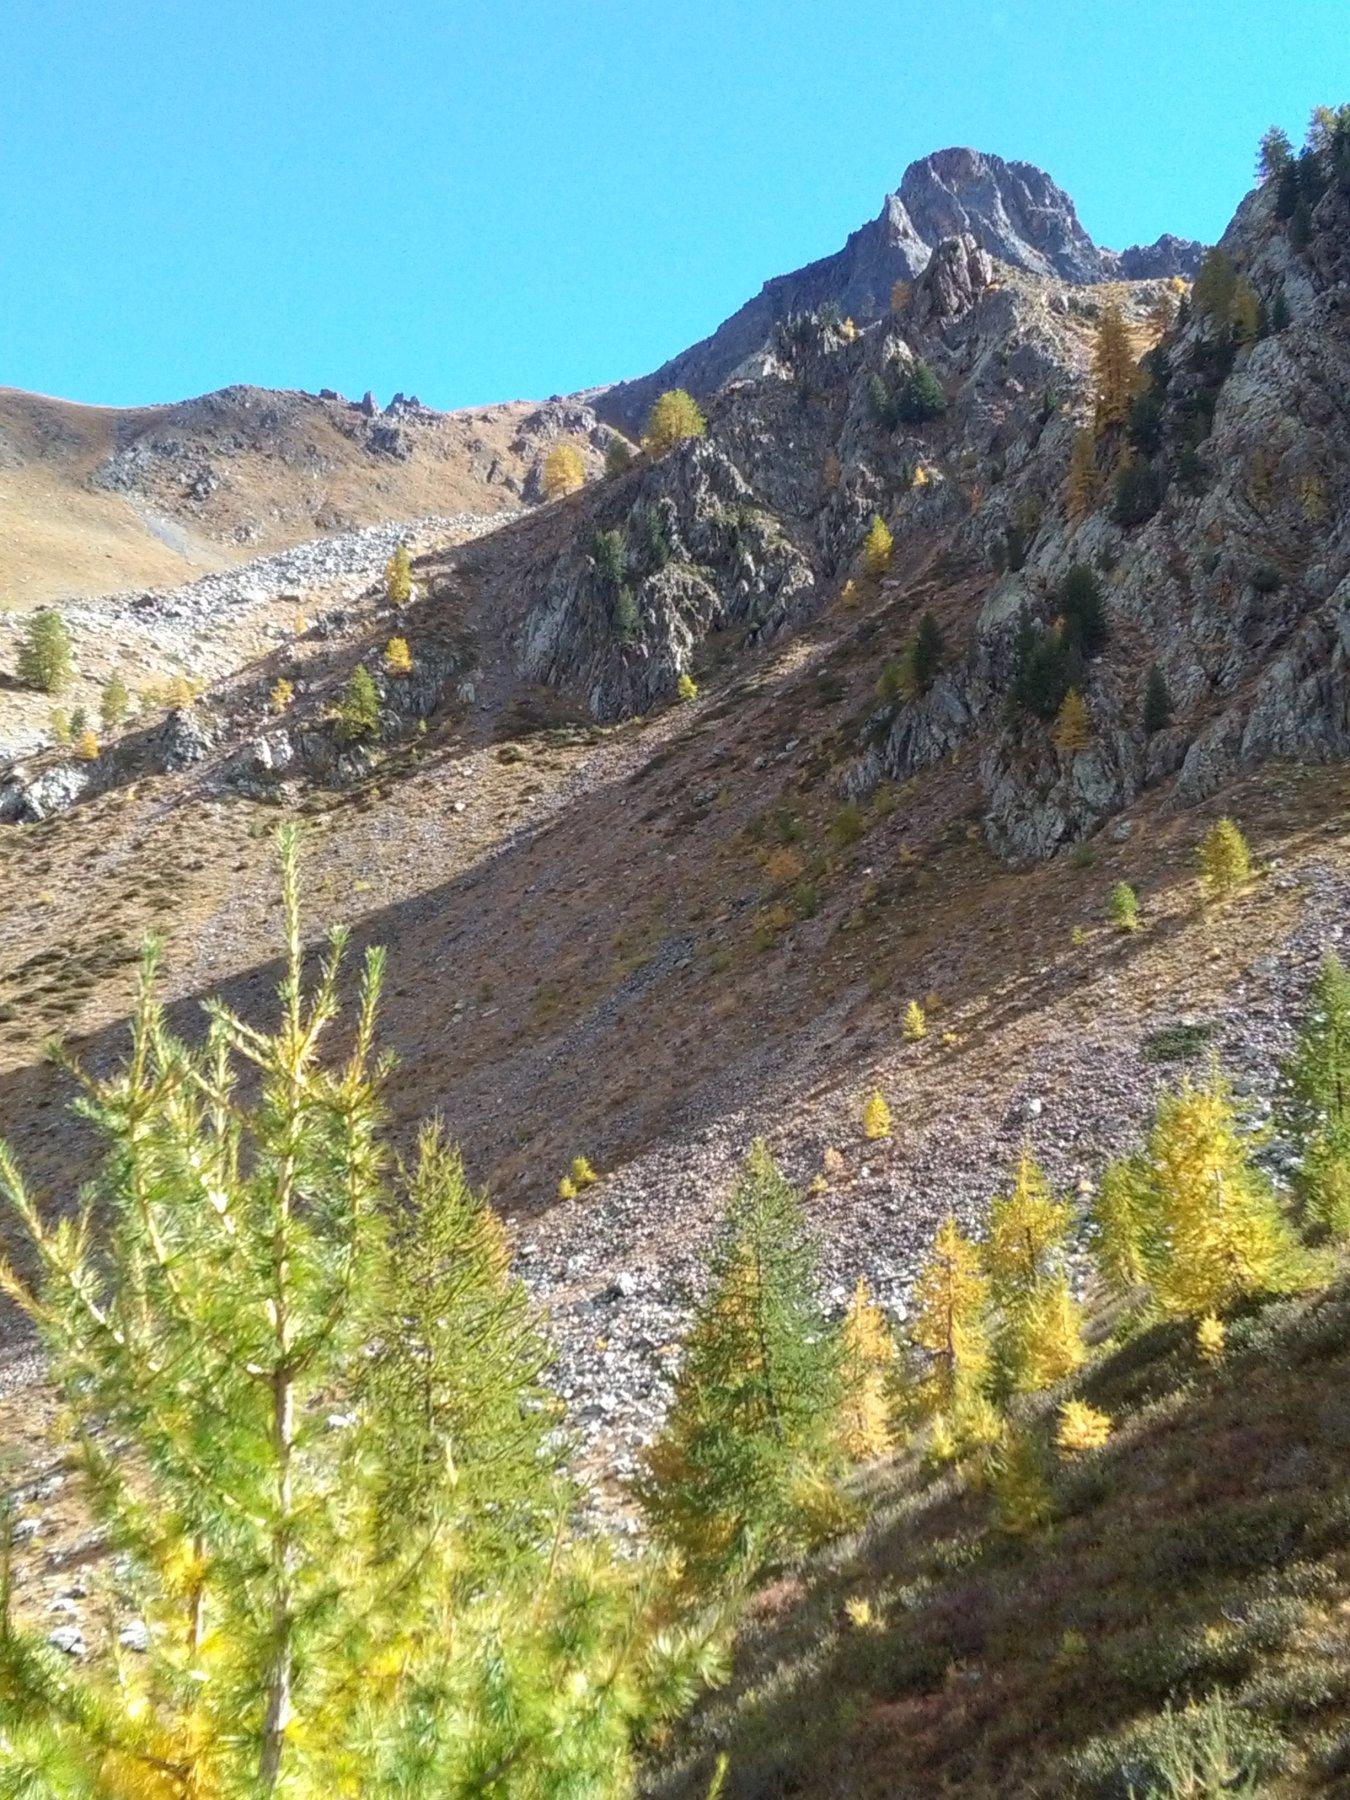 Sinfonia d'autunno scendendo dal passo di Stau, con la Rocca Verde a troneggiare